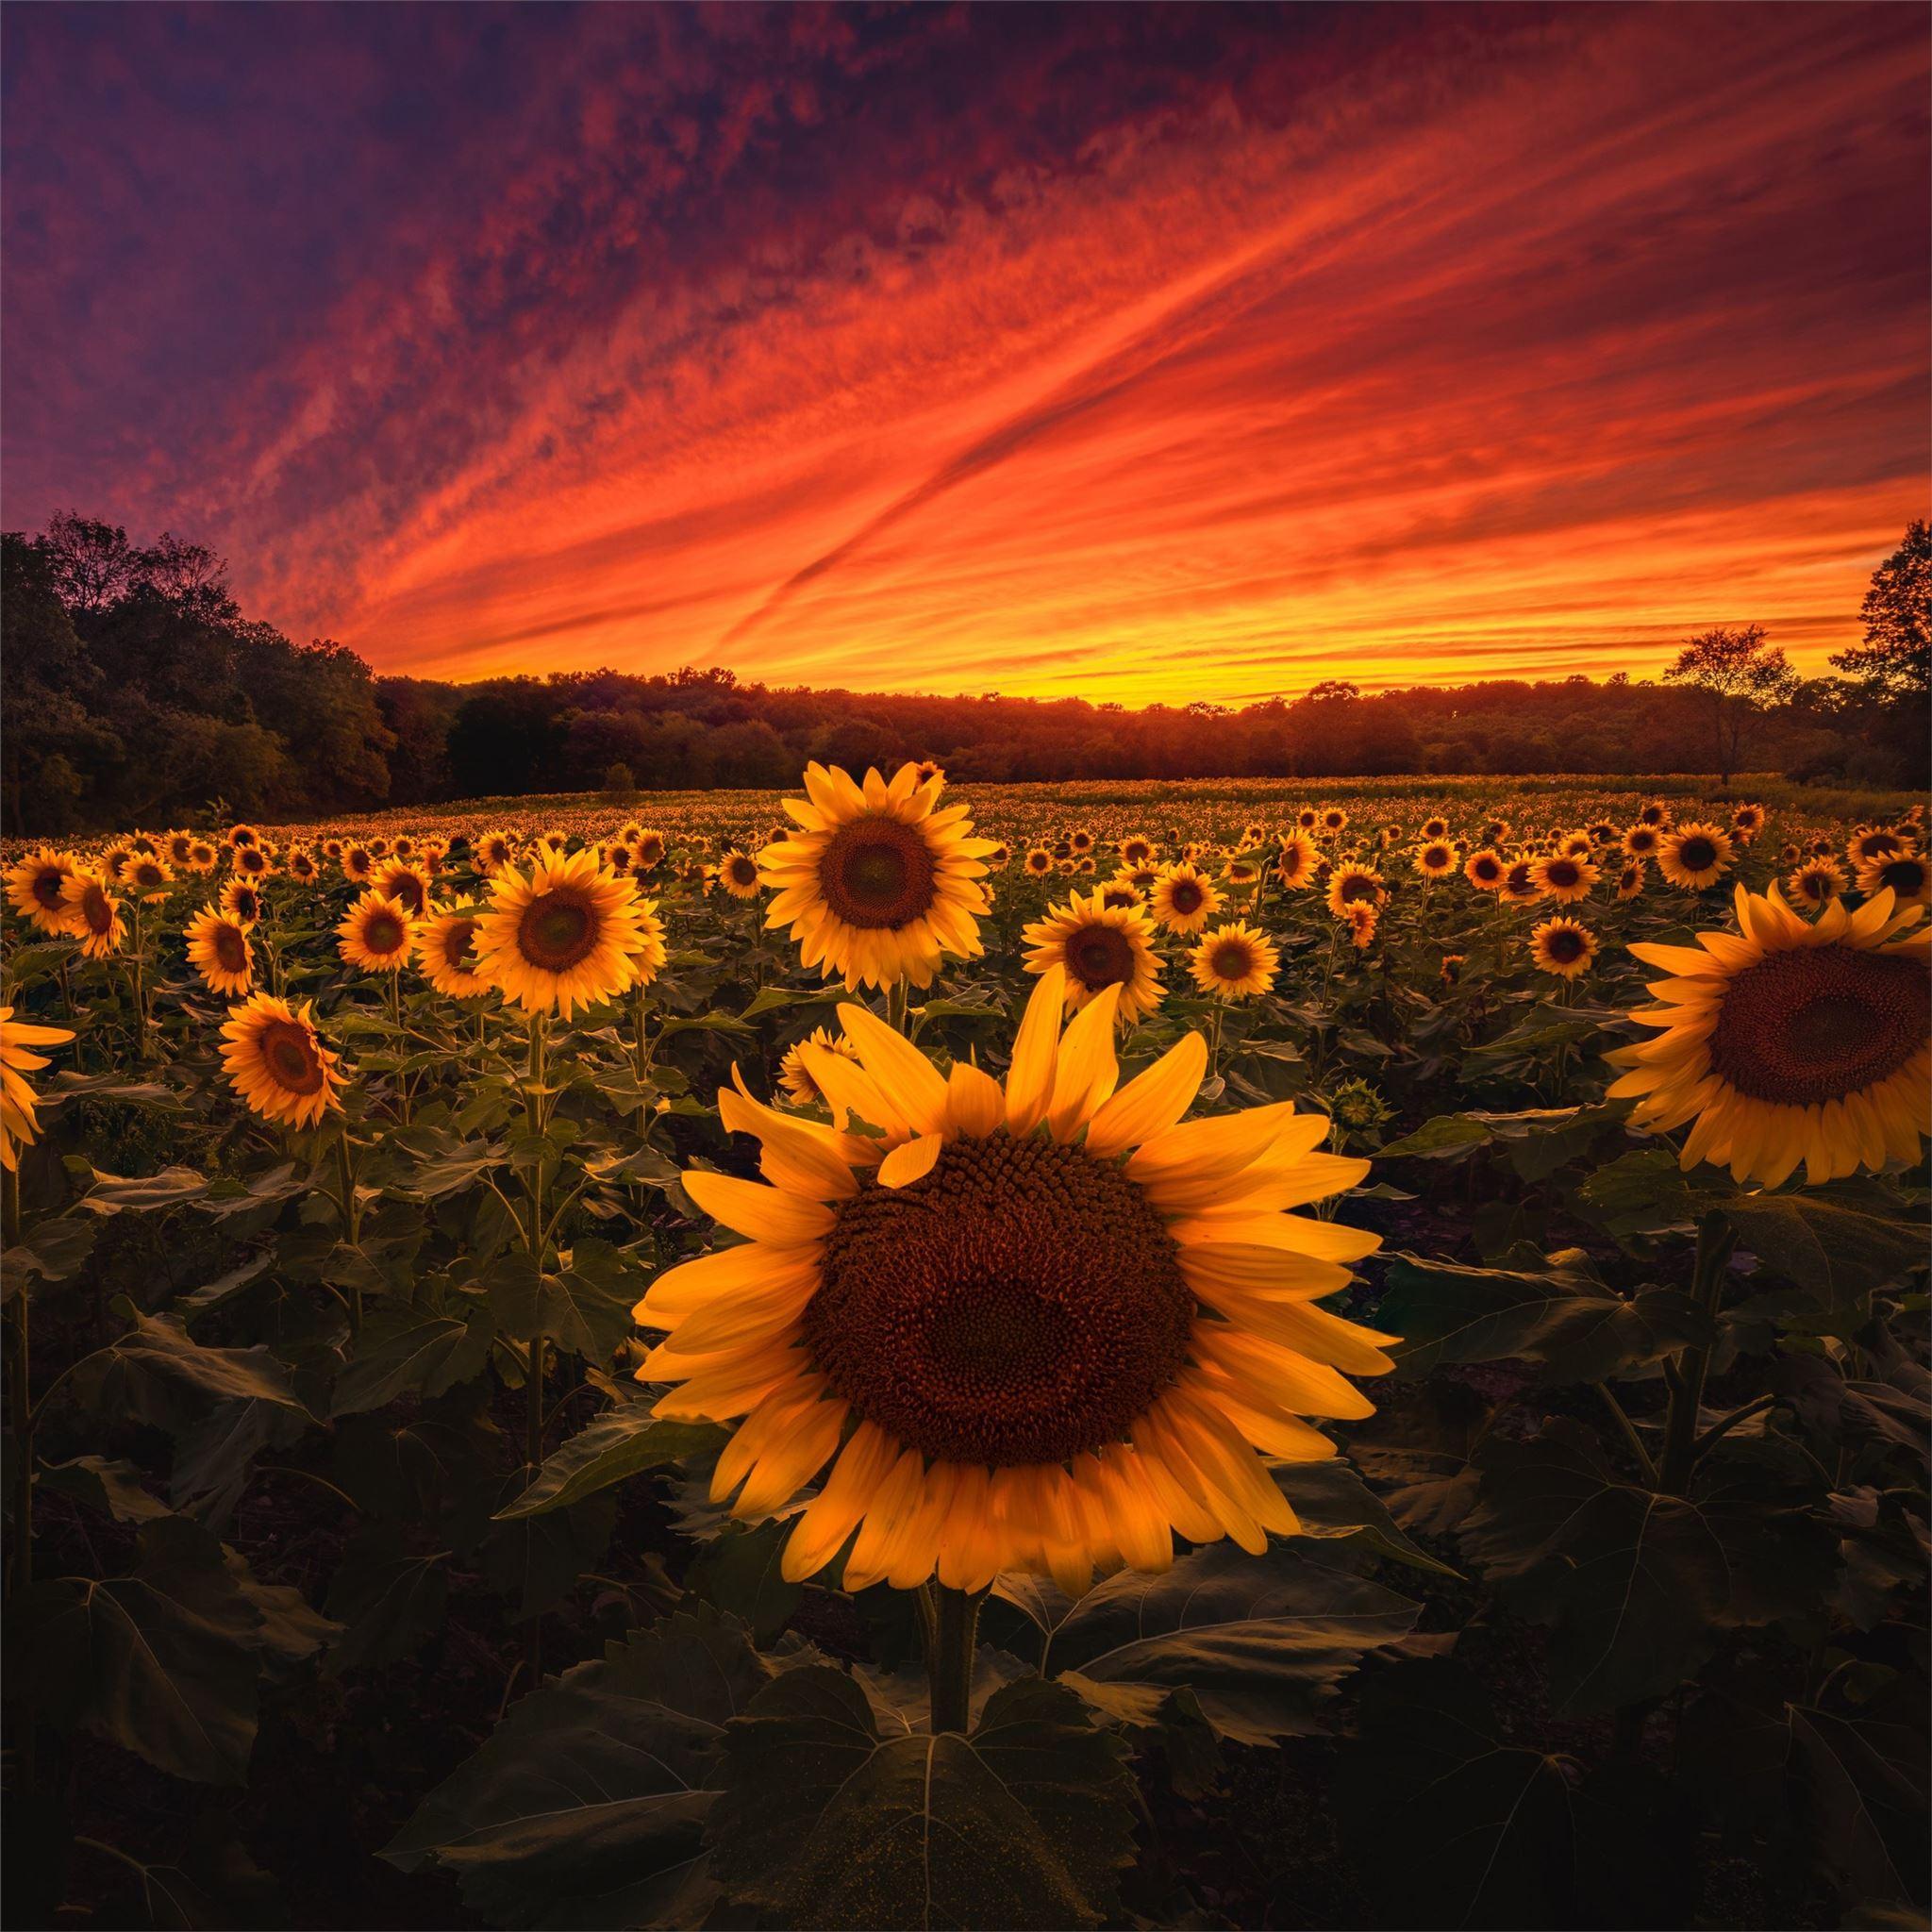 Aesthetic Sunflower Sunset Wallpaper - Wallpaper HD New